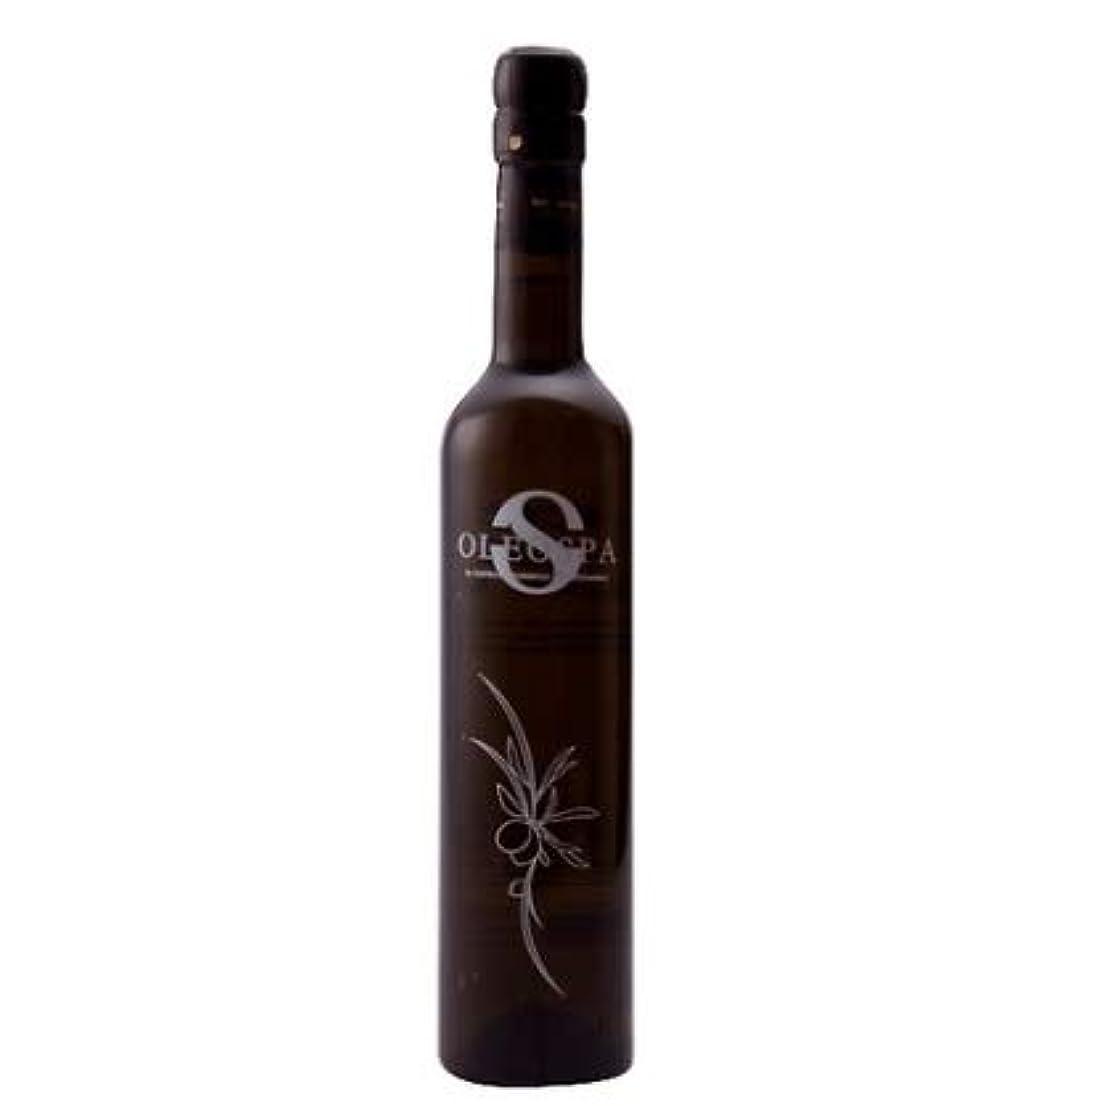 介入する夢中少数■美容 健康□OLEO SPA(オレオスパ) オーガニックオリーブオイル 500ml(瓶タイプ)